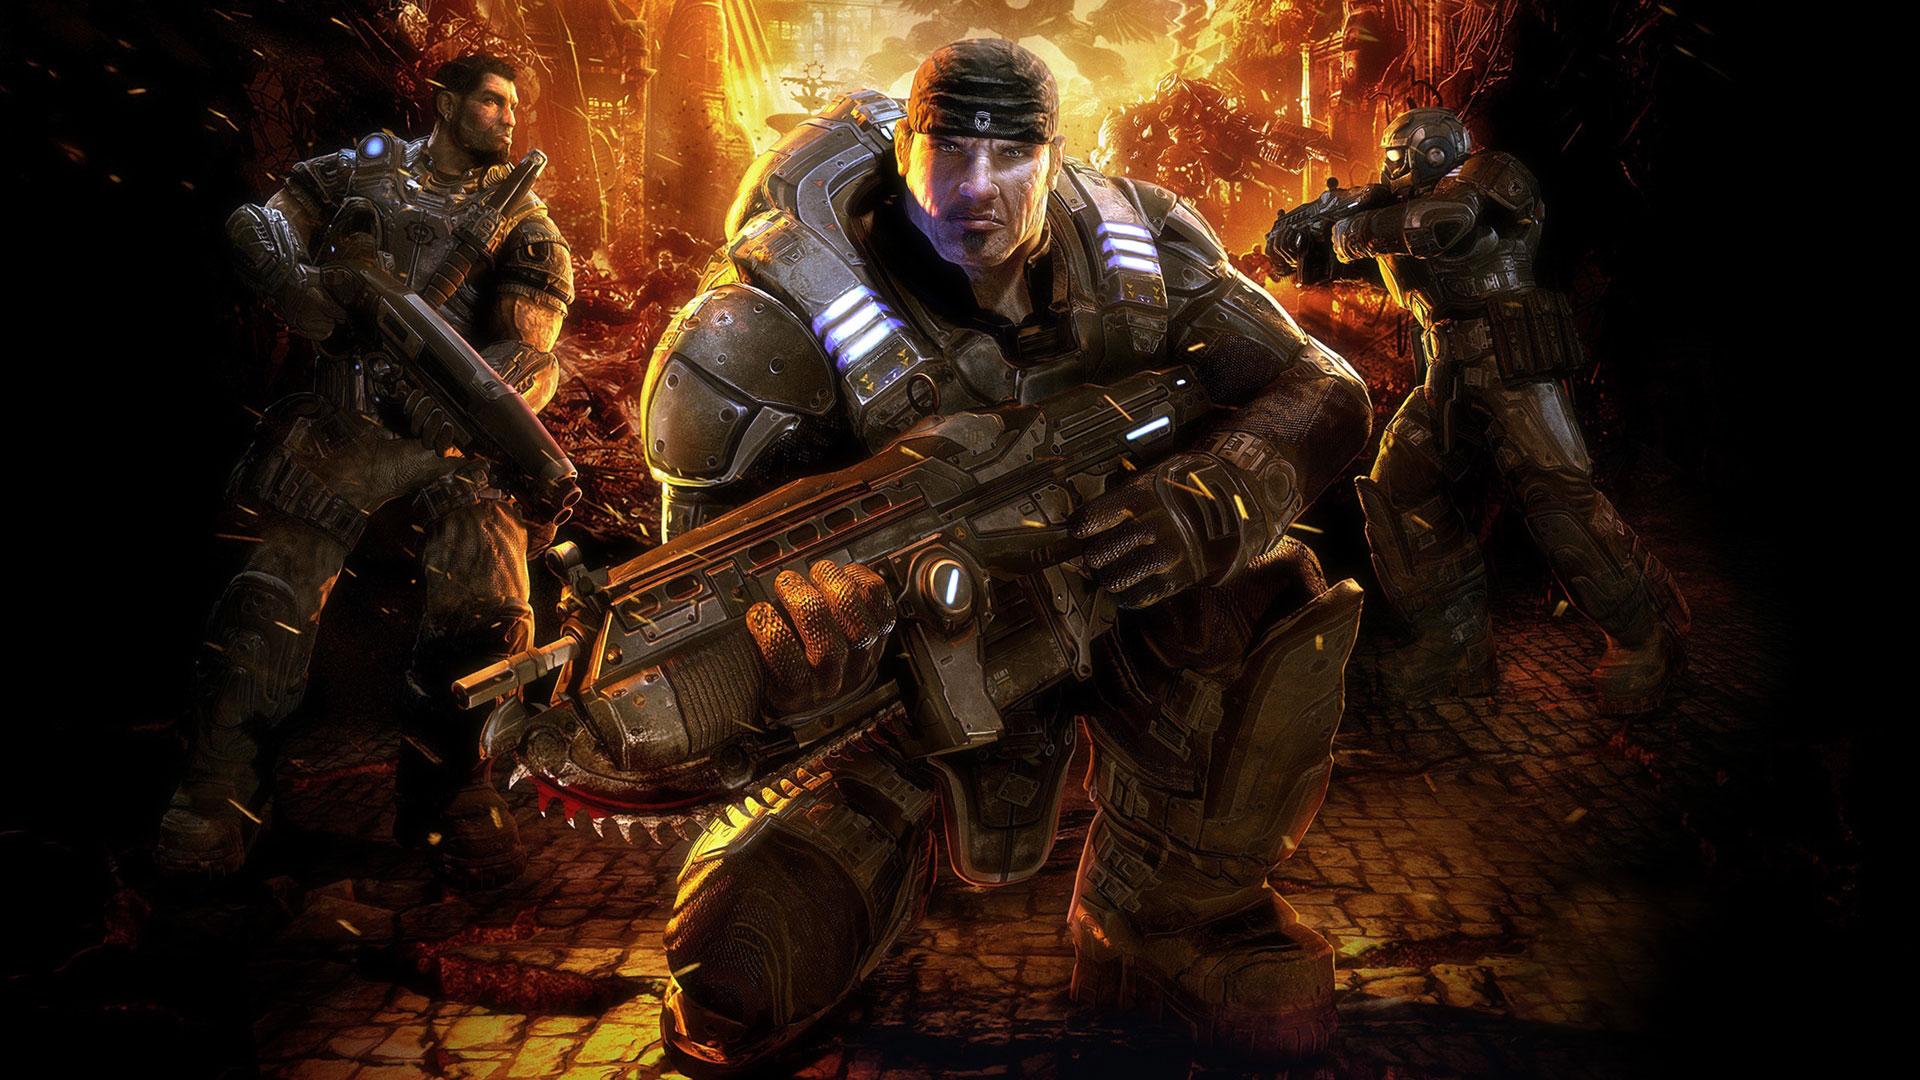 gears_of_war_hd_1080p-HD.jpg